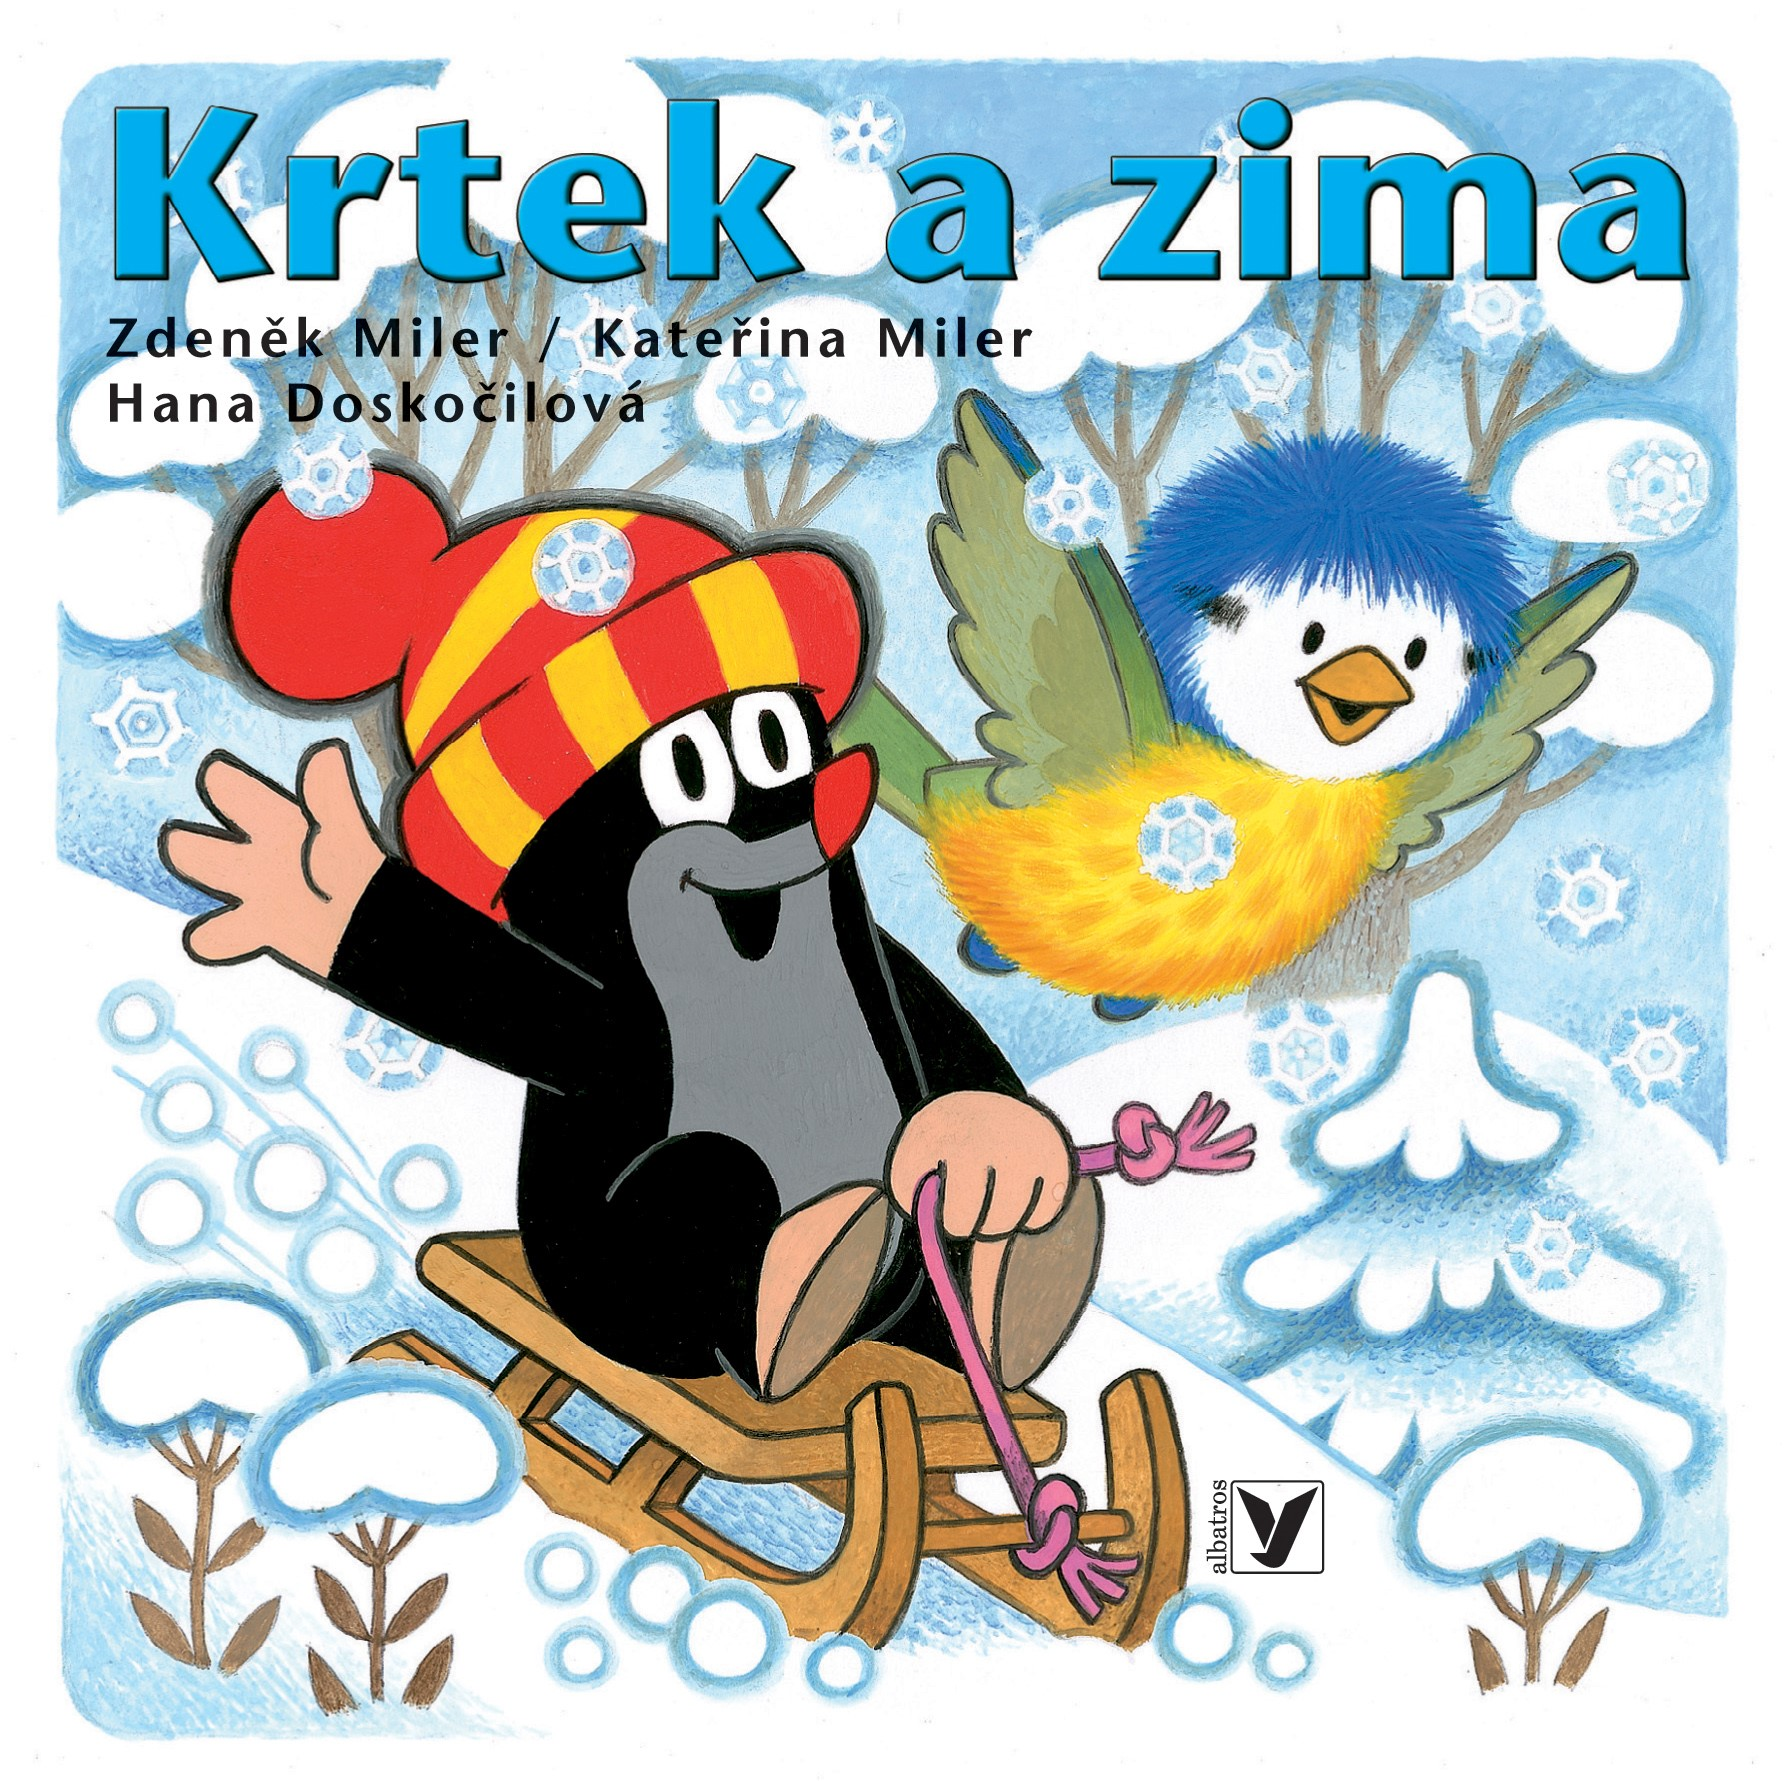 Krtek a zima | Kateřina Miler, Zdeněk Miler, Hana Doskočilová